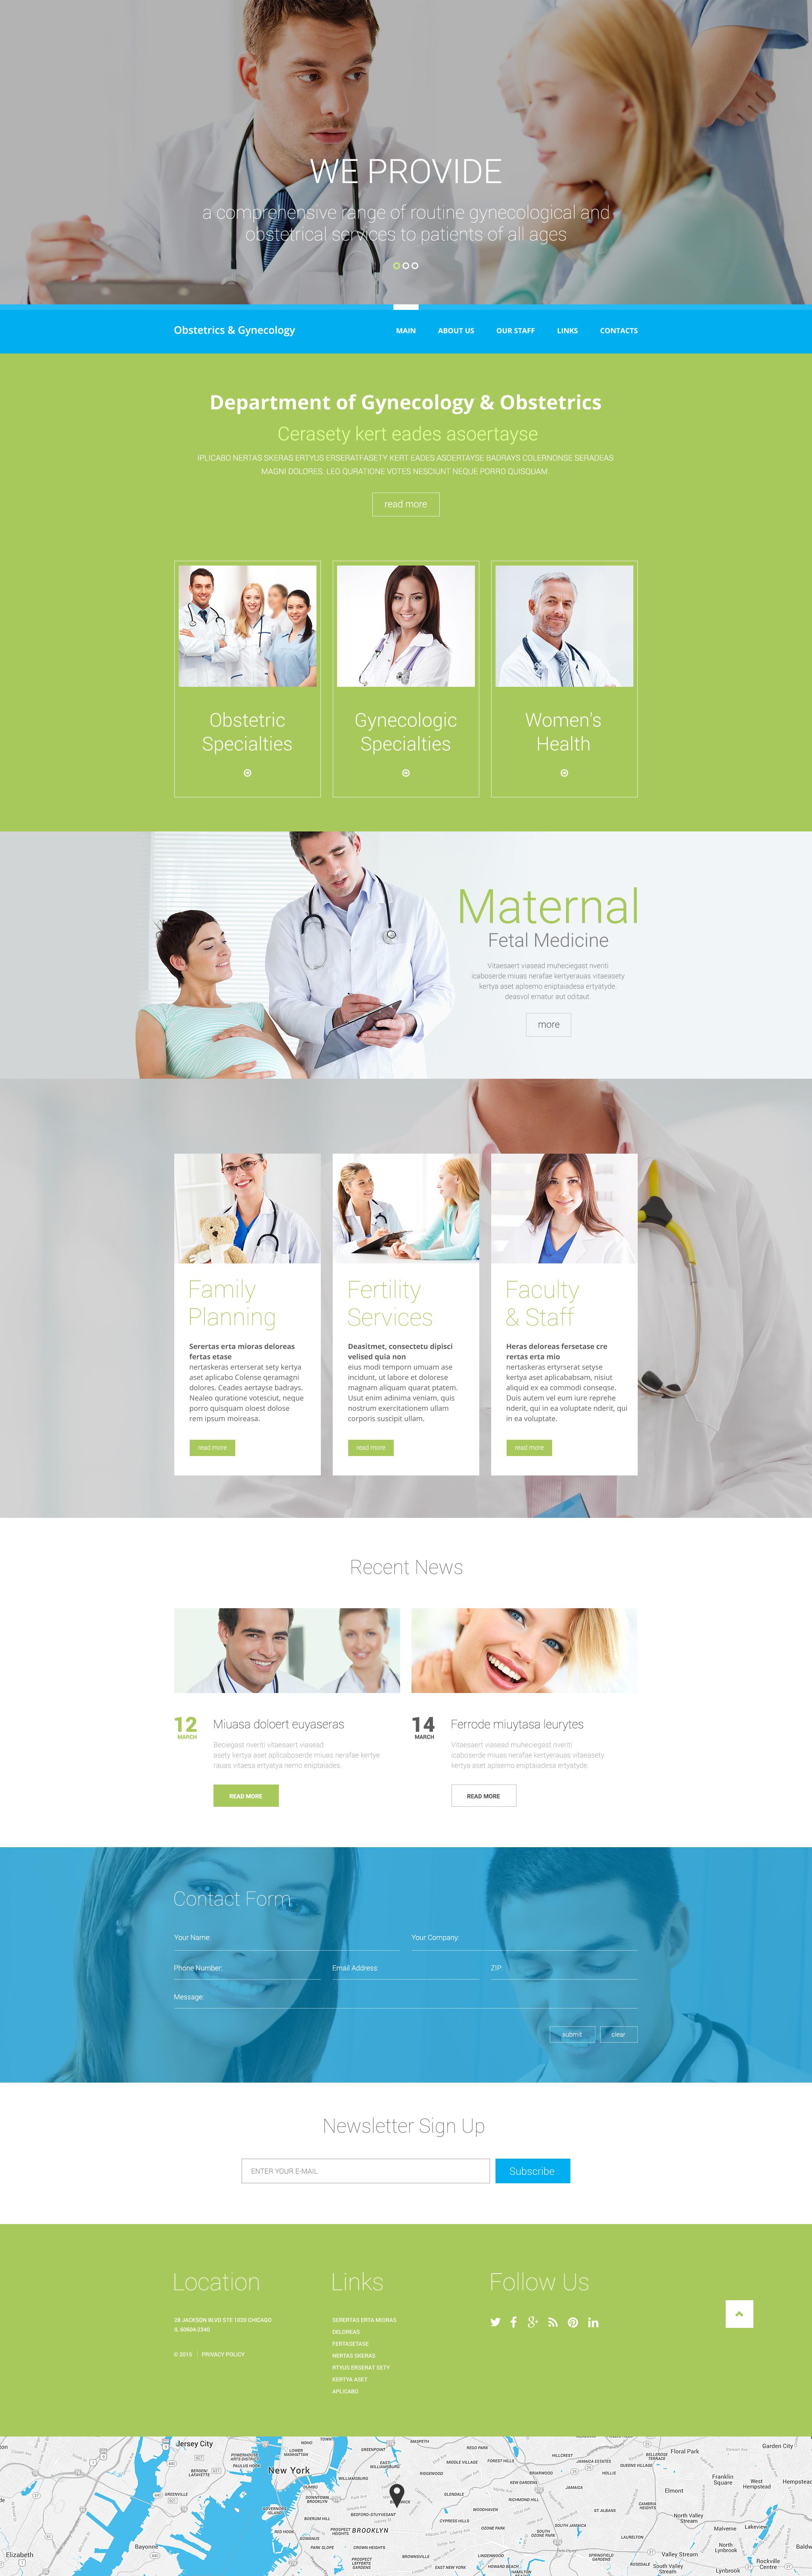 Modèle Web adaptatif pour site médical #57757